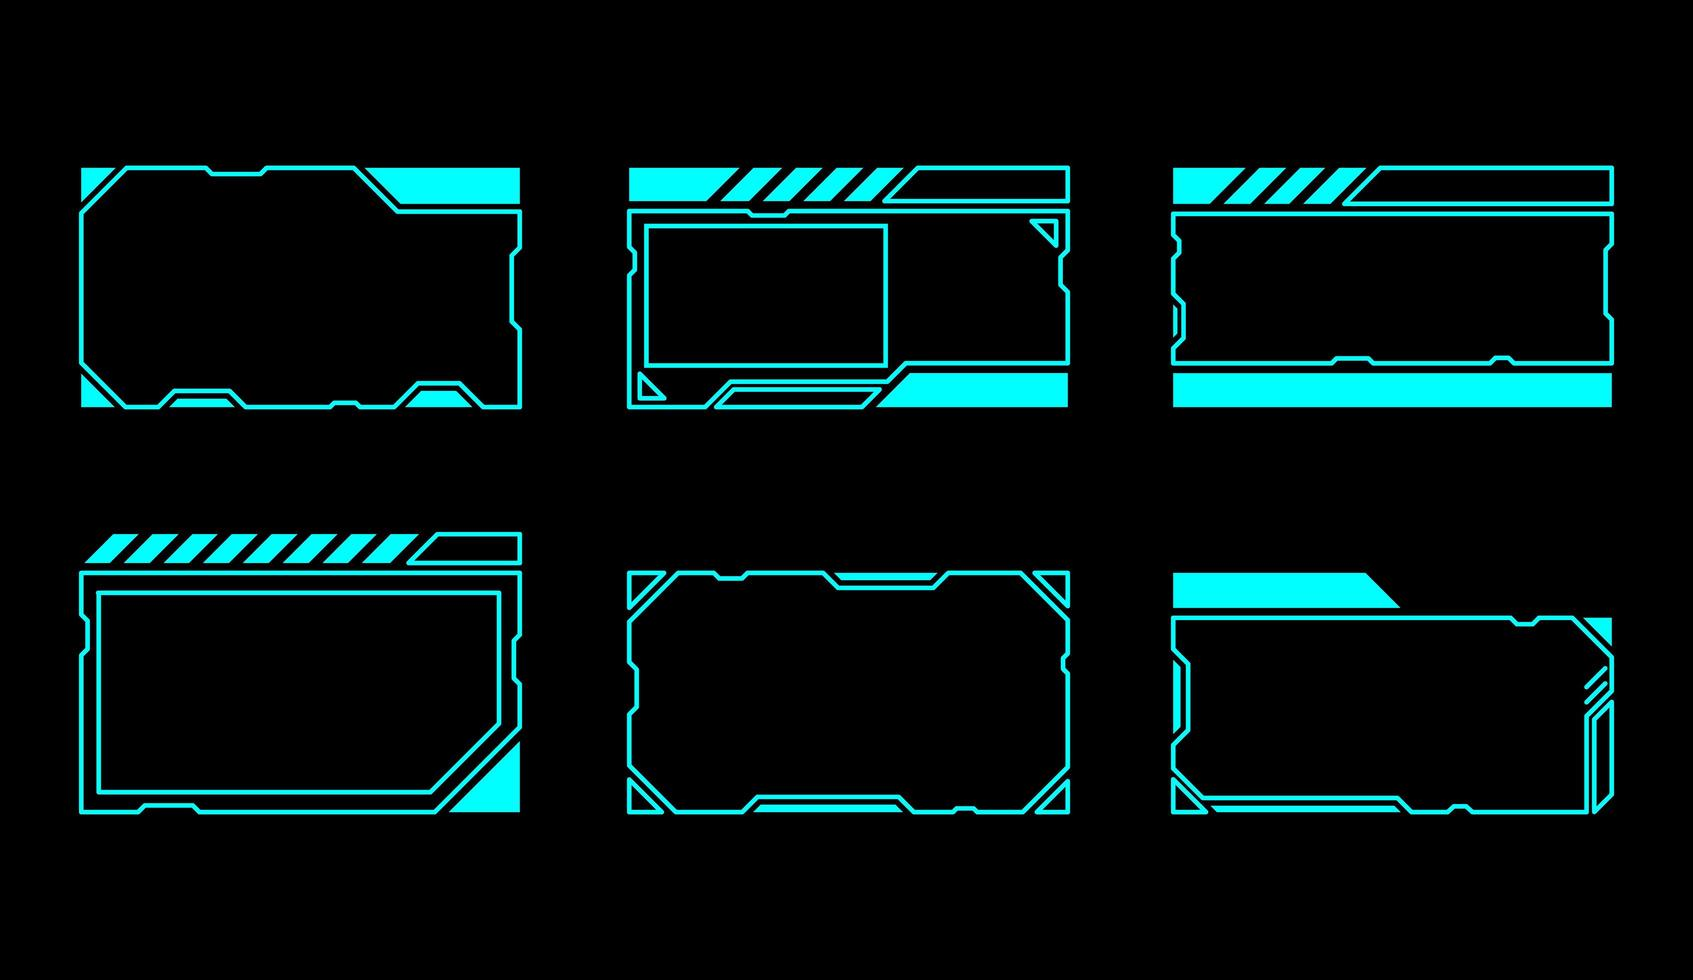 conjunto de janelas de interface retangular vetor